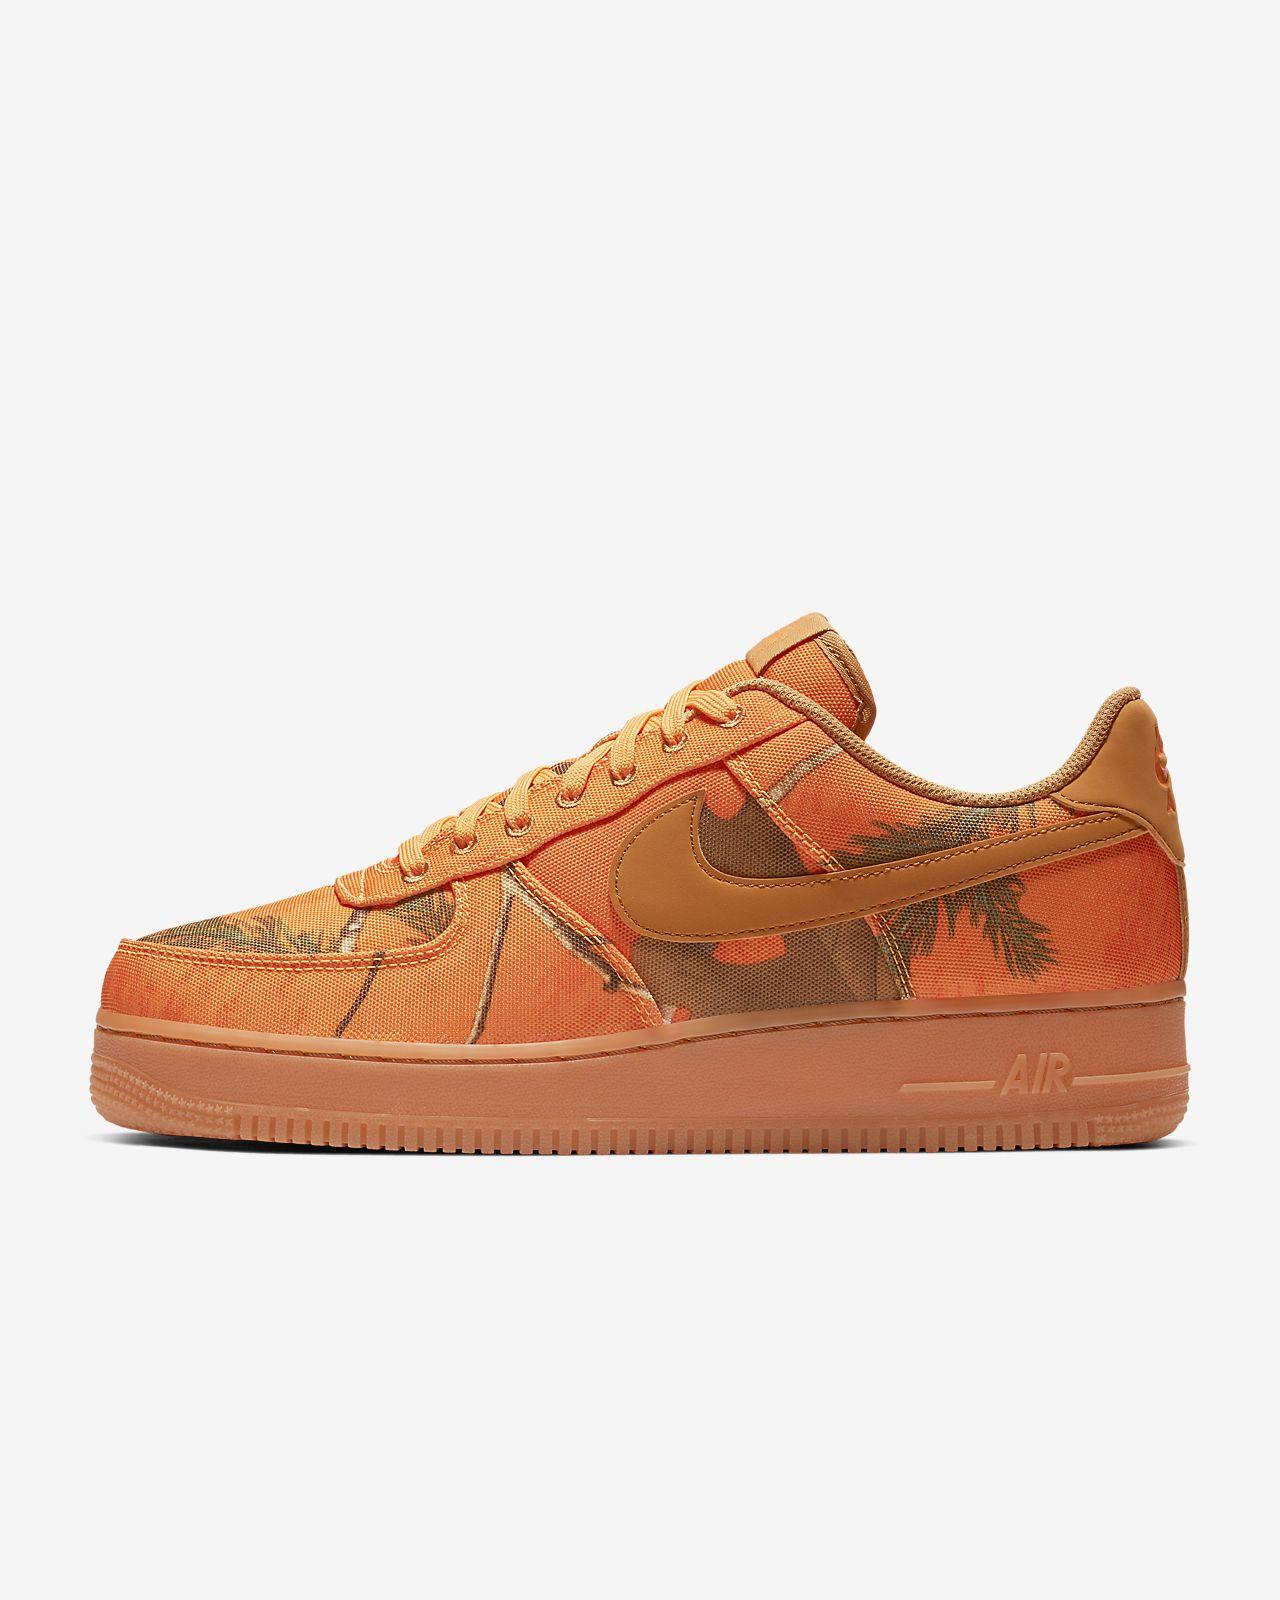 Nike Air Force 1 High '07 LV8 Men's GB Sneakers